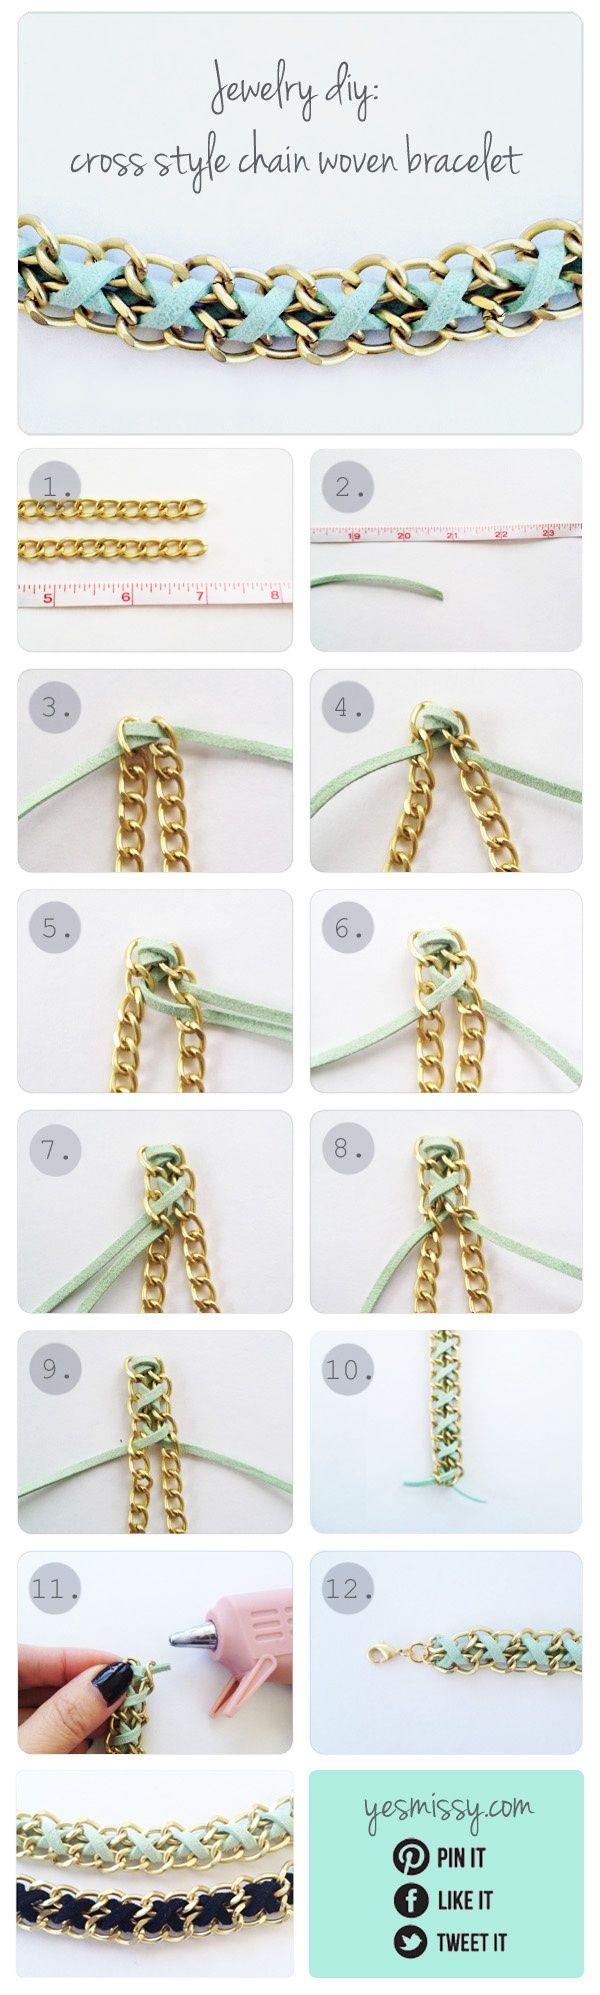 Новое плетение из цепи и кожи (Diy)